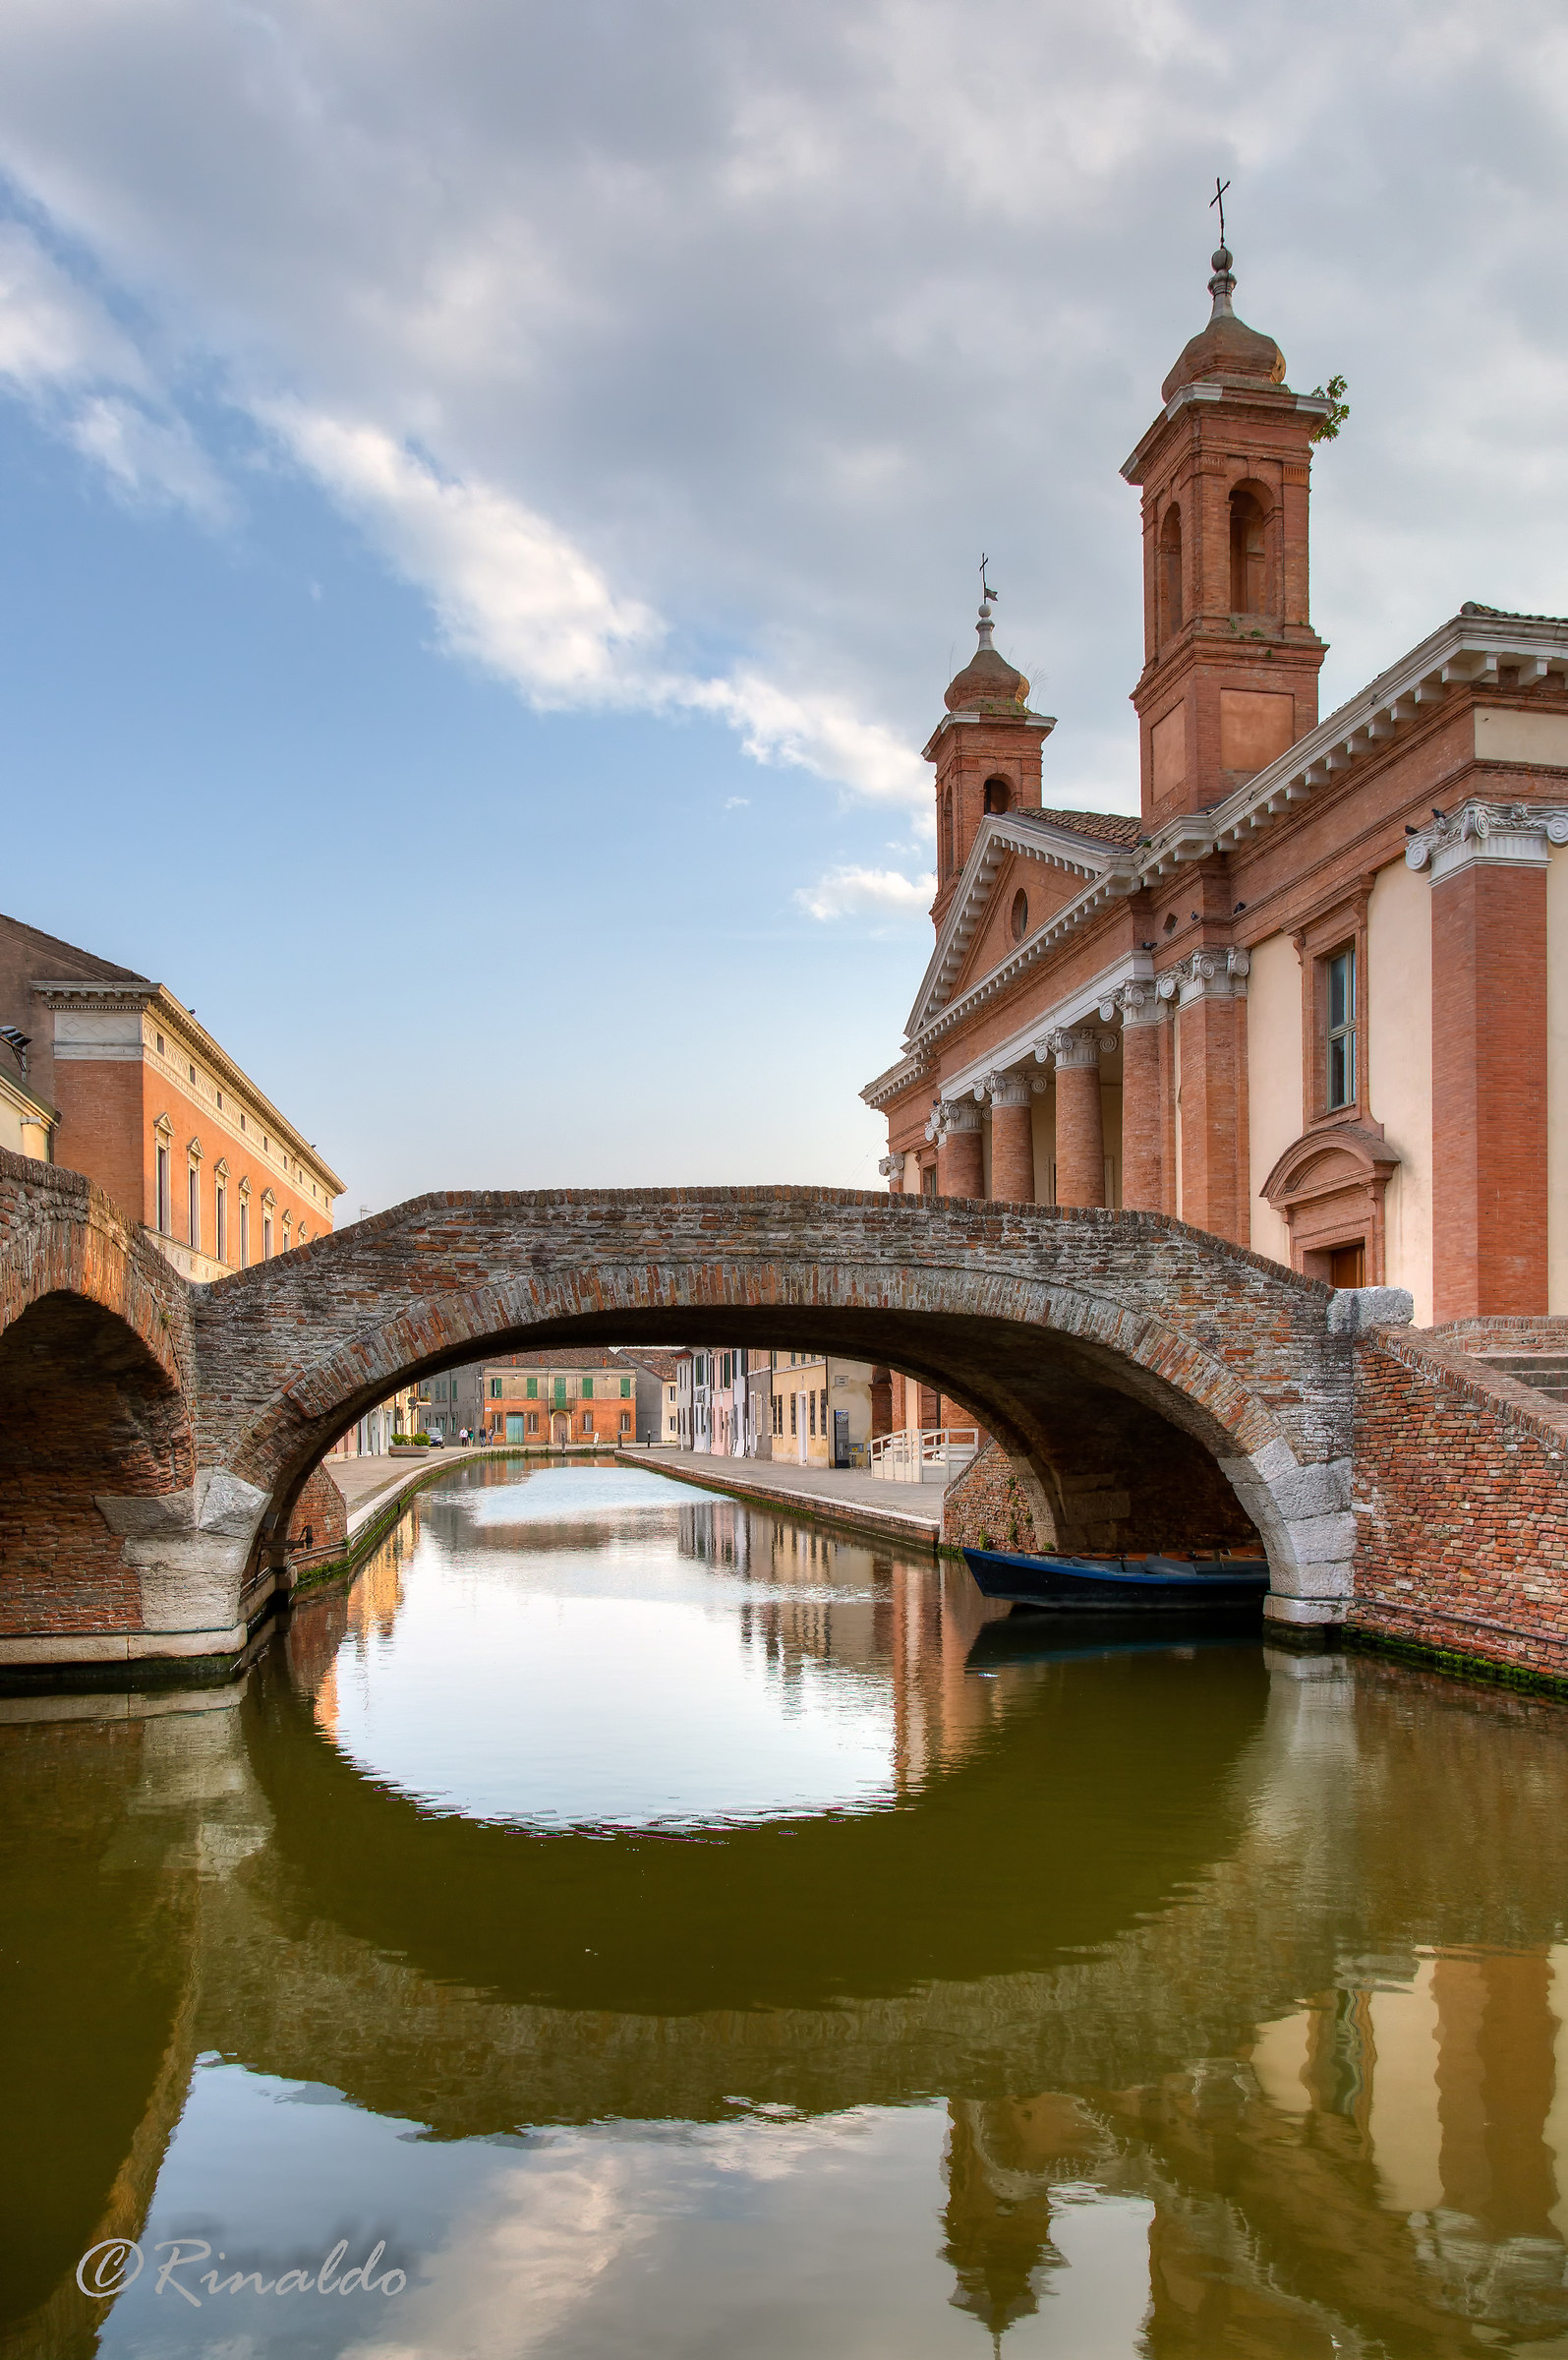 Comacchio, a beautiful city in the Po delta...